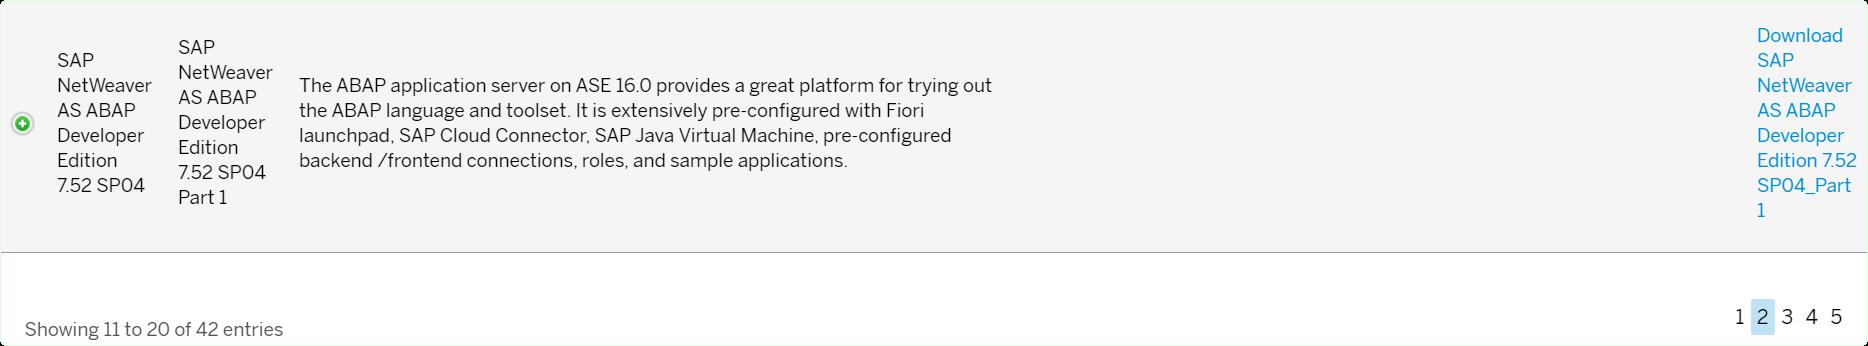 SAP Application